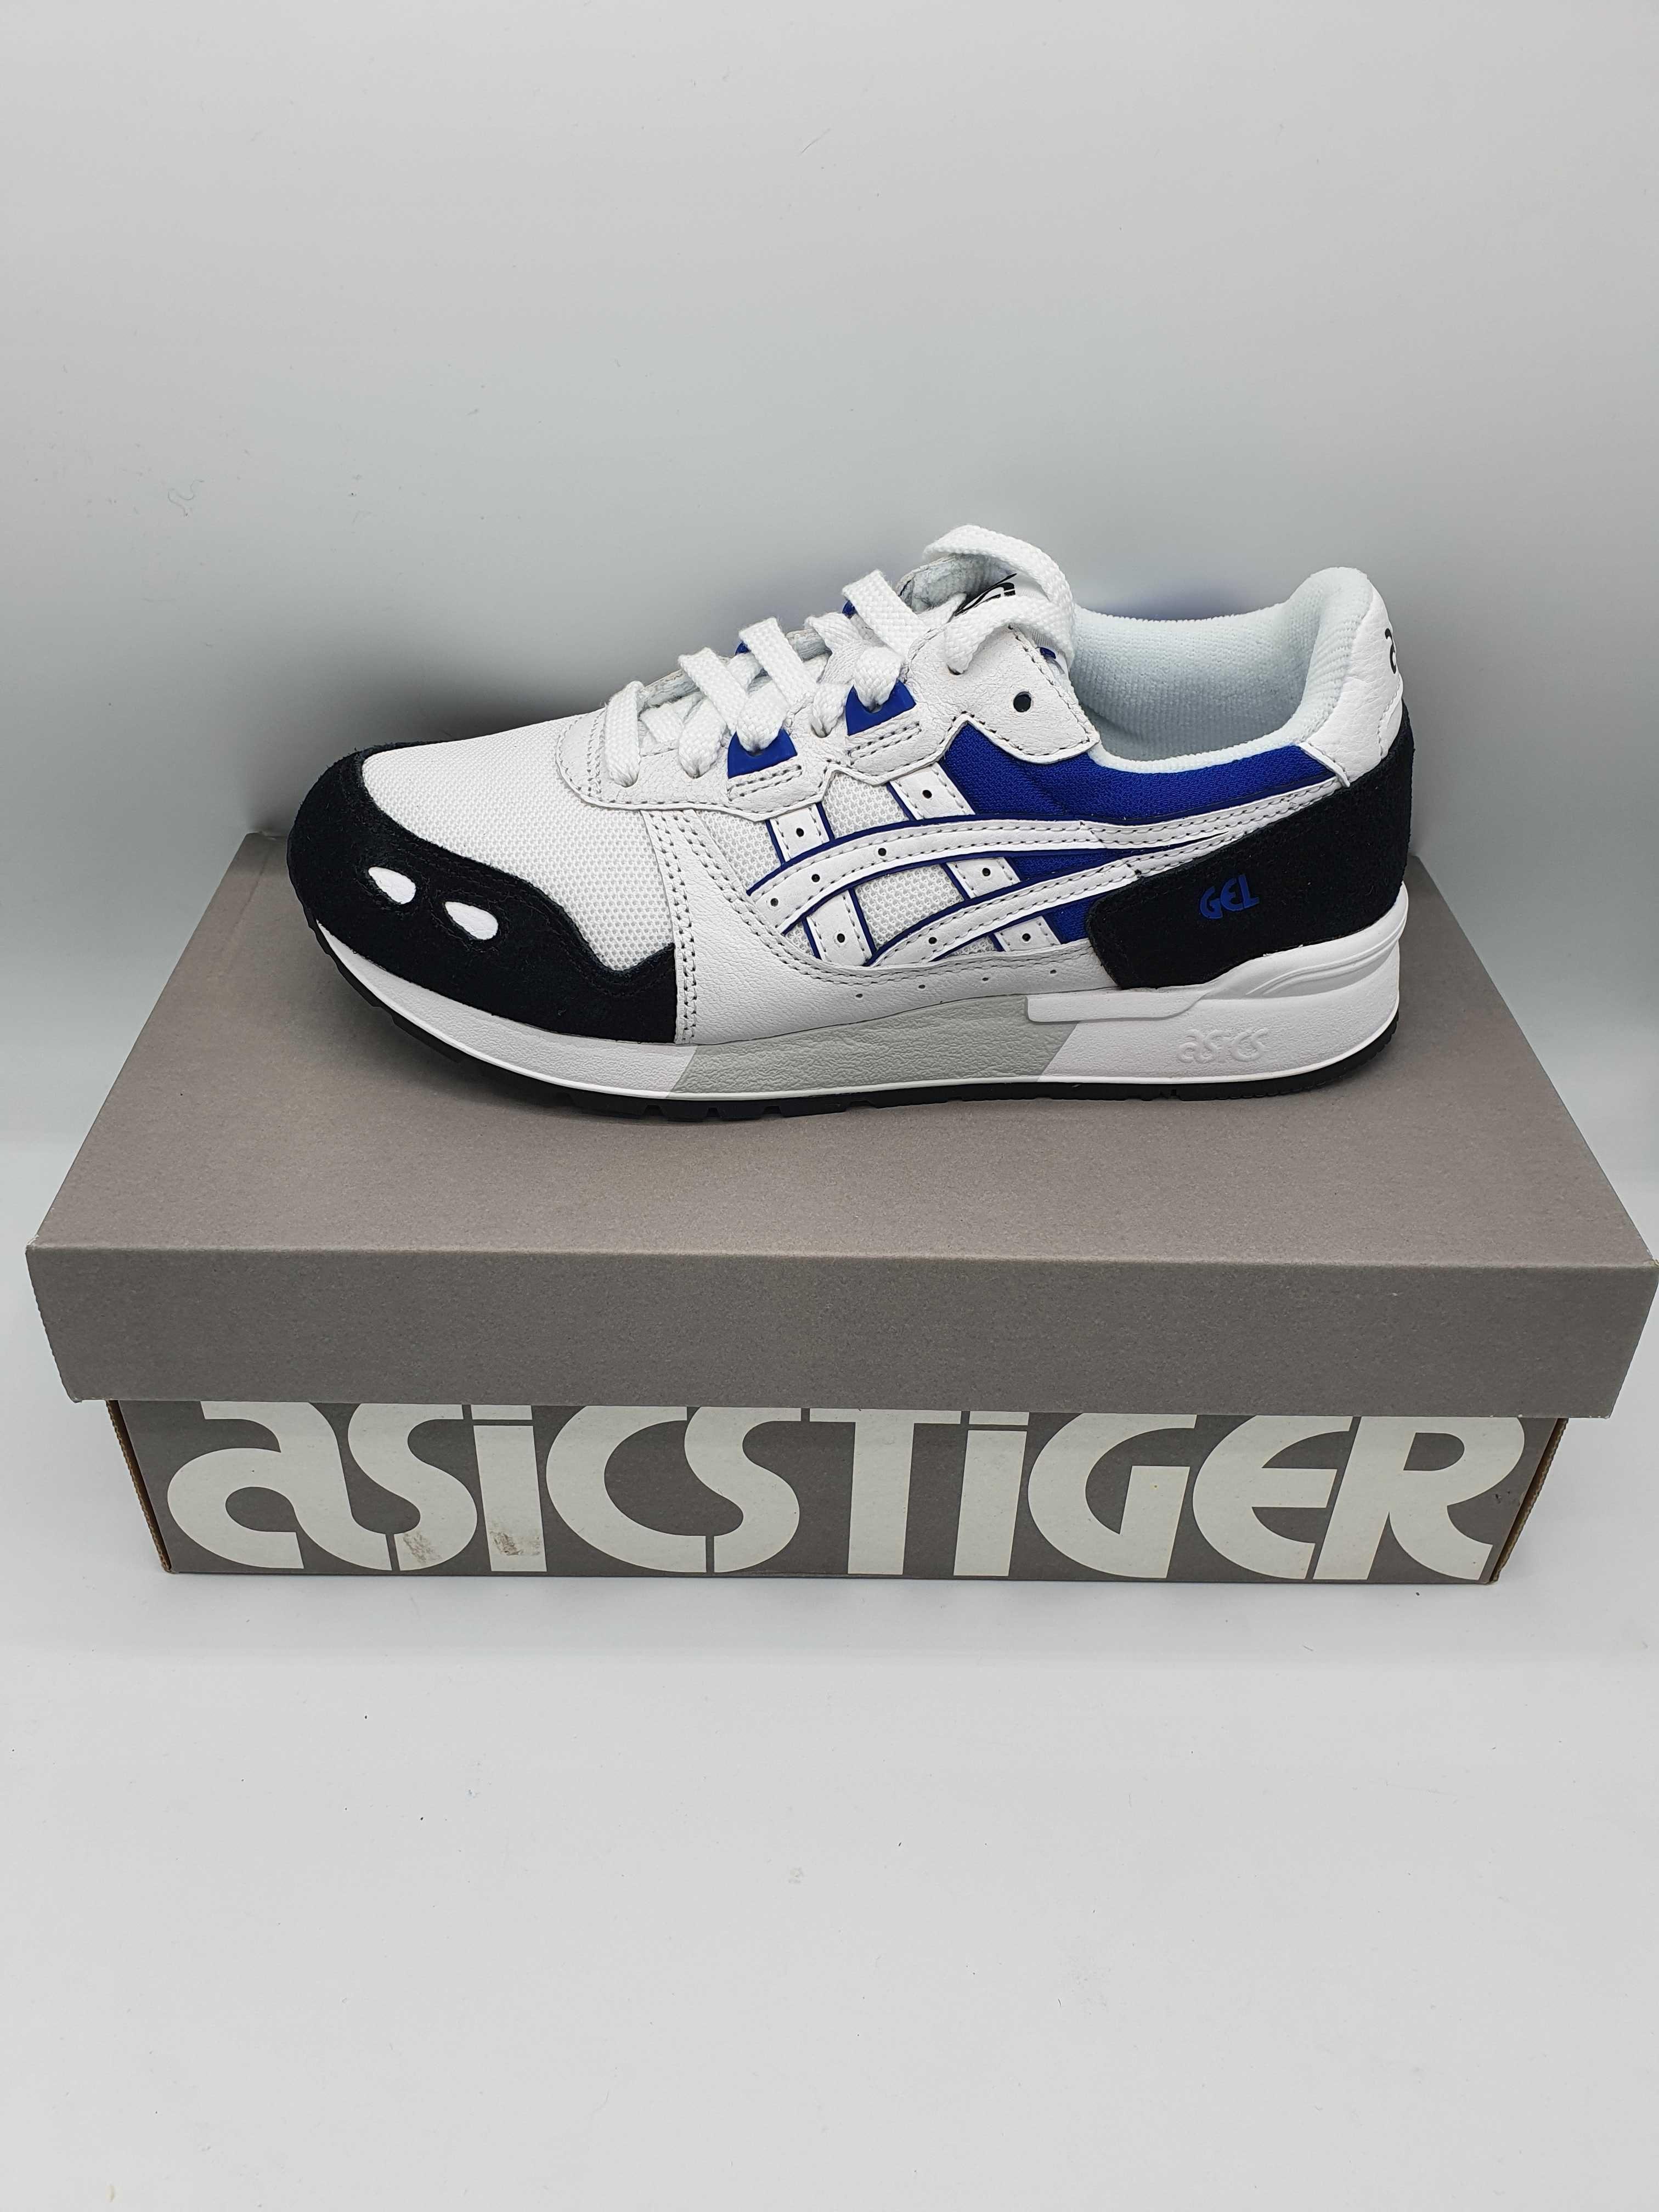 Adidasi Asics Tiger Gel-Lyte